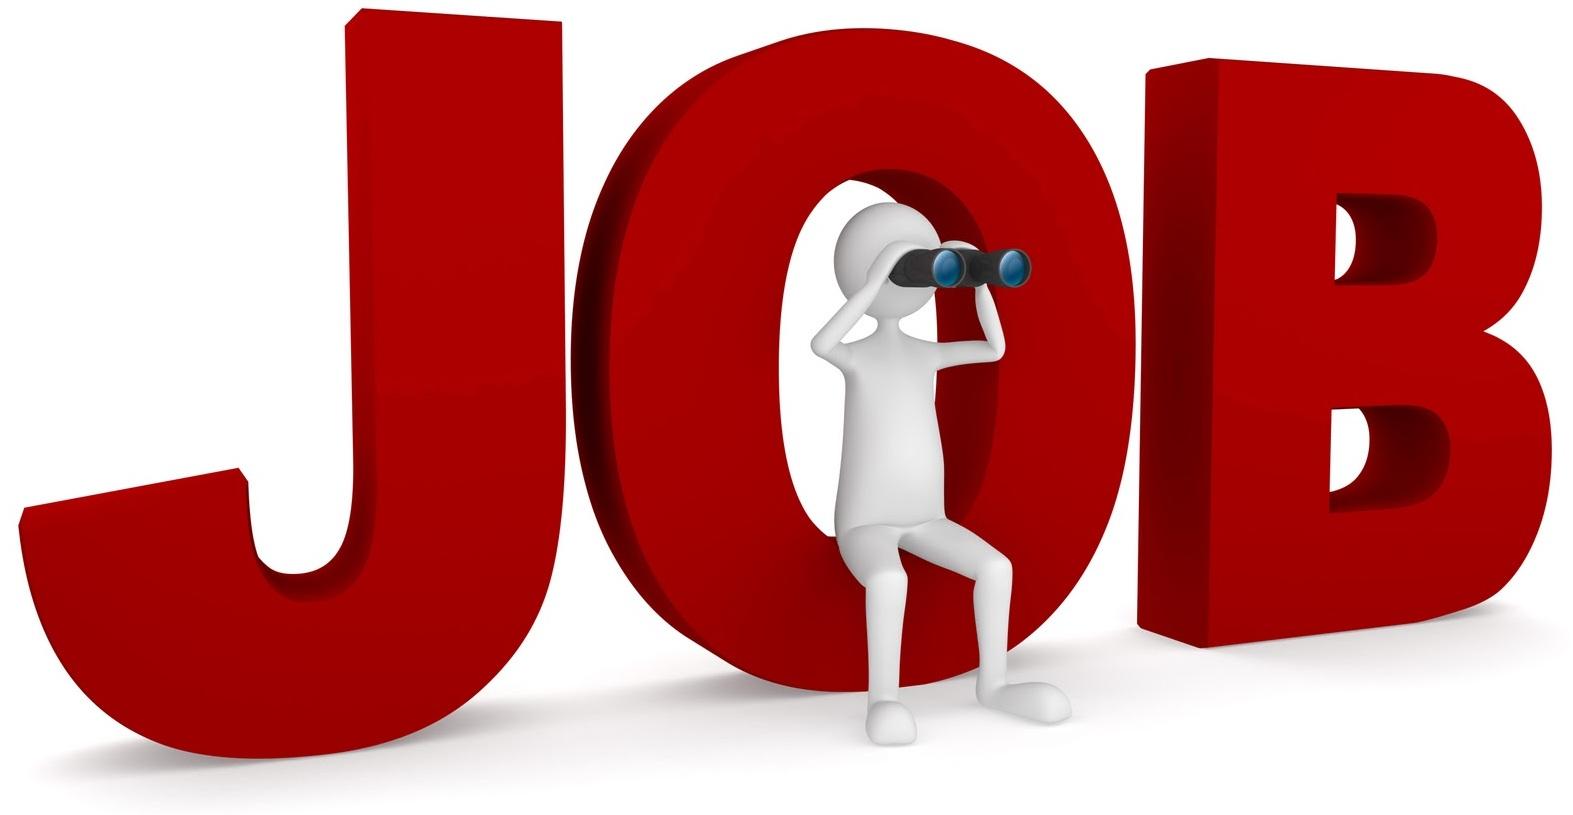 Khi nào cần tìm kiếm một việc làm mới